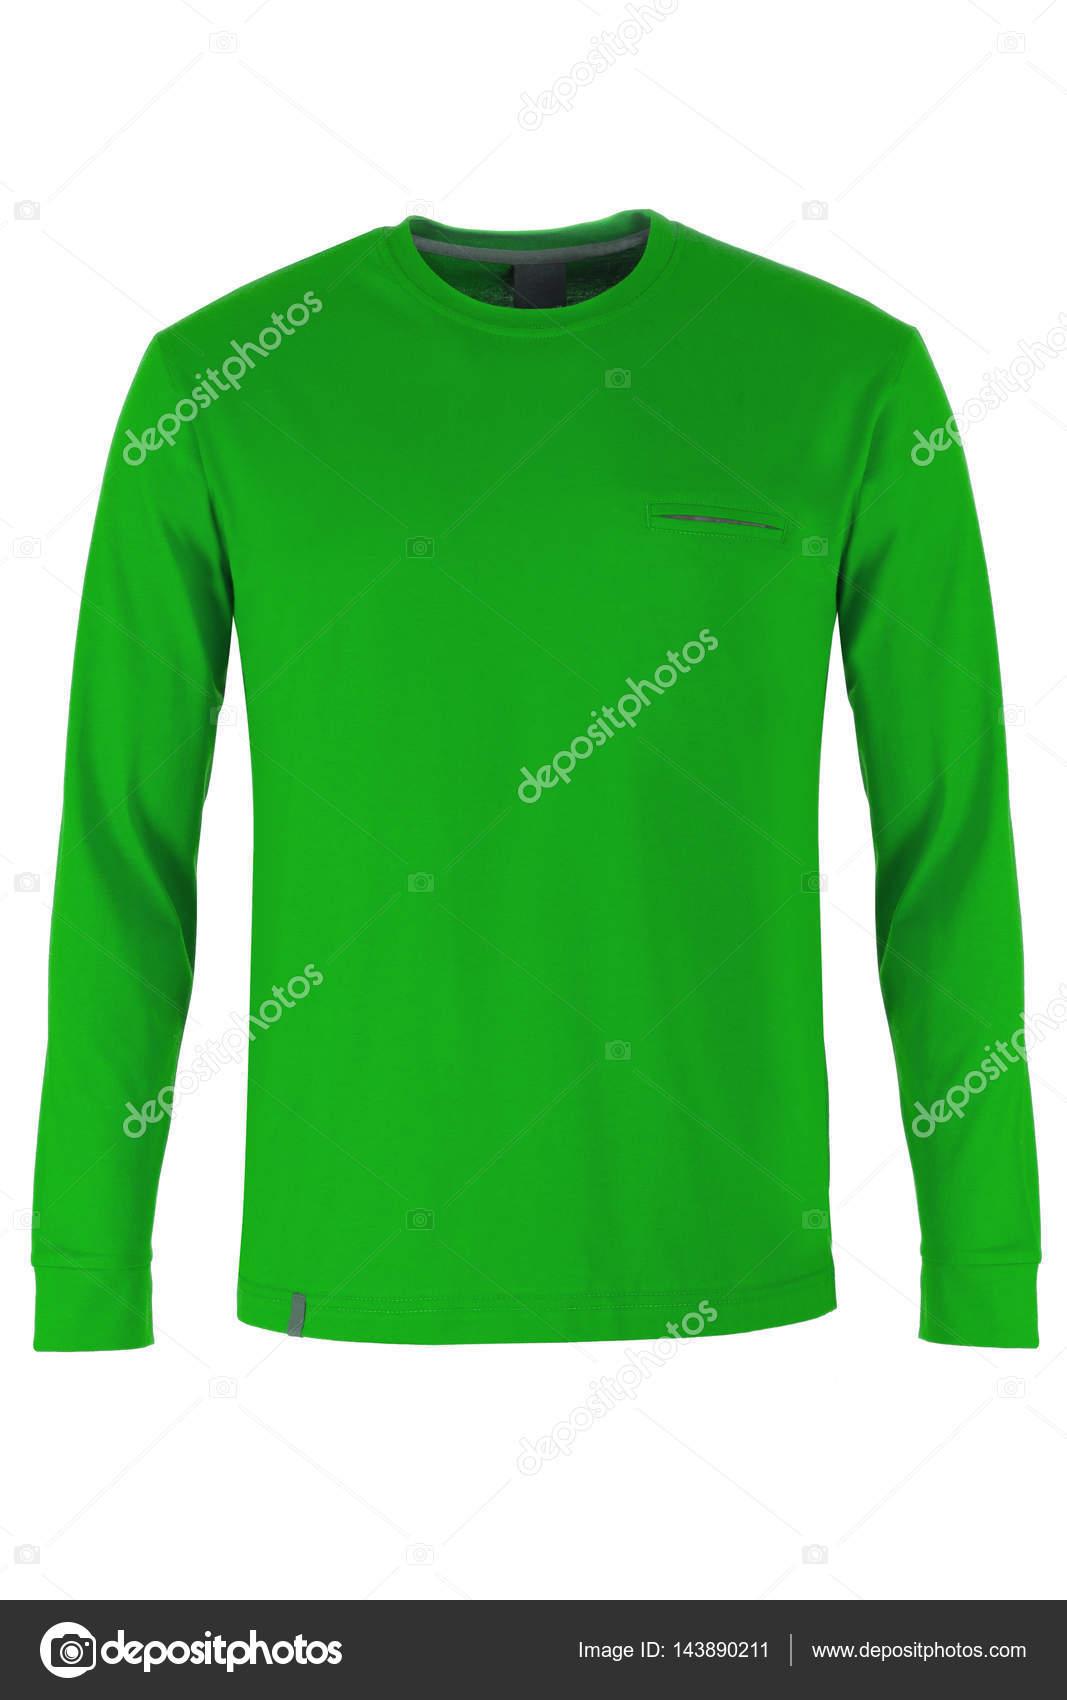 657d9d680ddcfe Grüne Langarm T-shirt auf weißen Hintergrund isoliert — Foto von ...